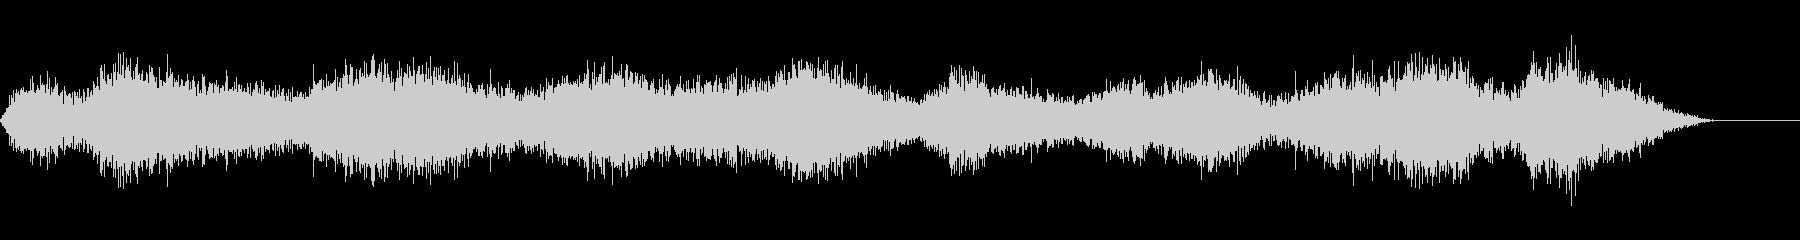 オラスグランデ-小石-ストーンビーチの未再生の波形